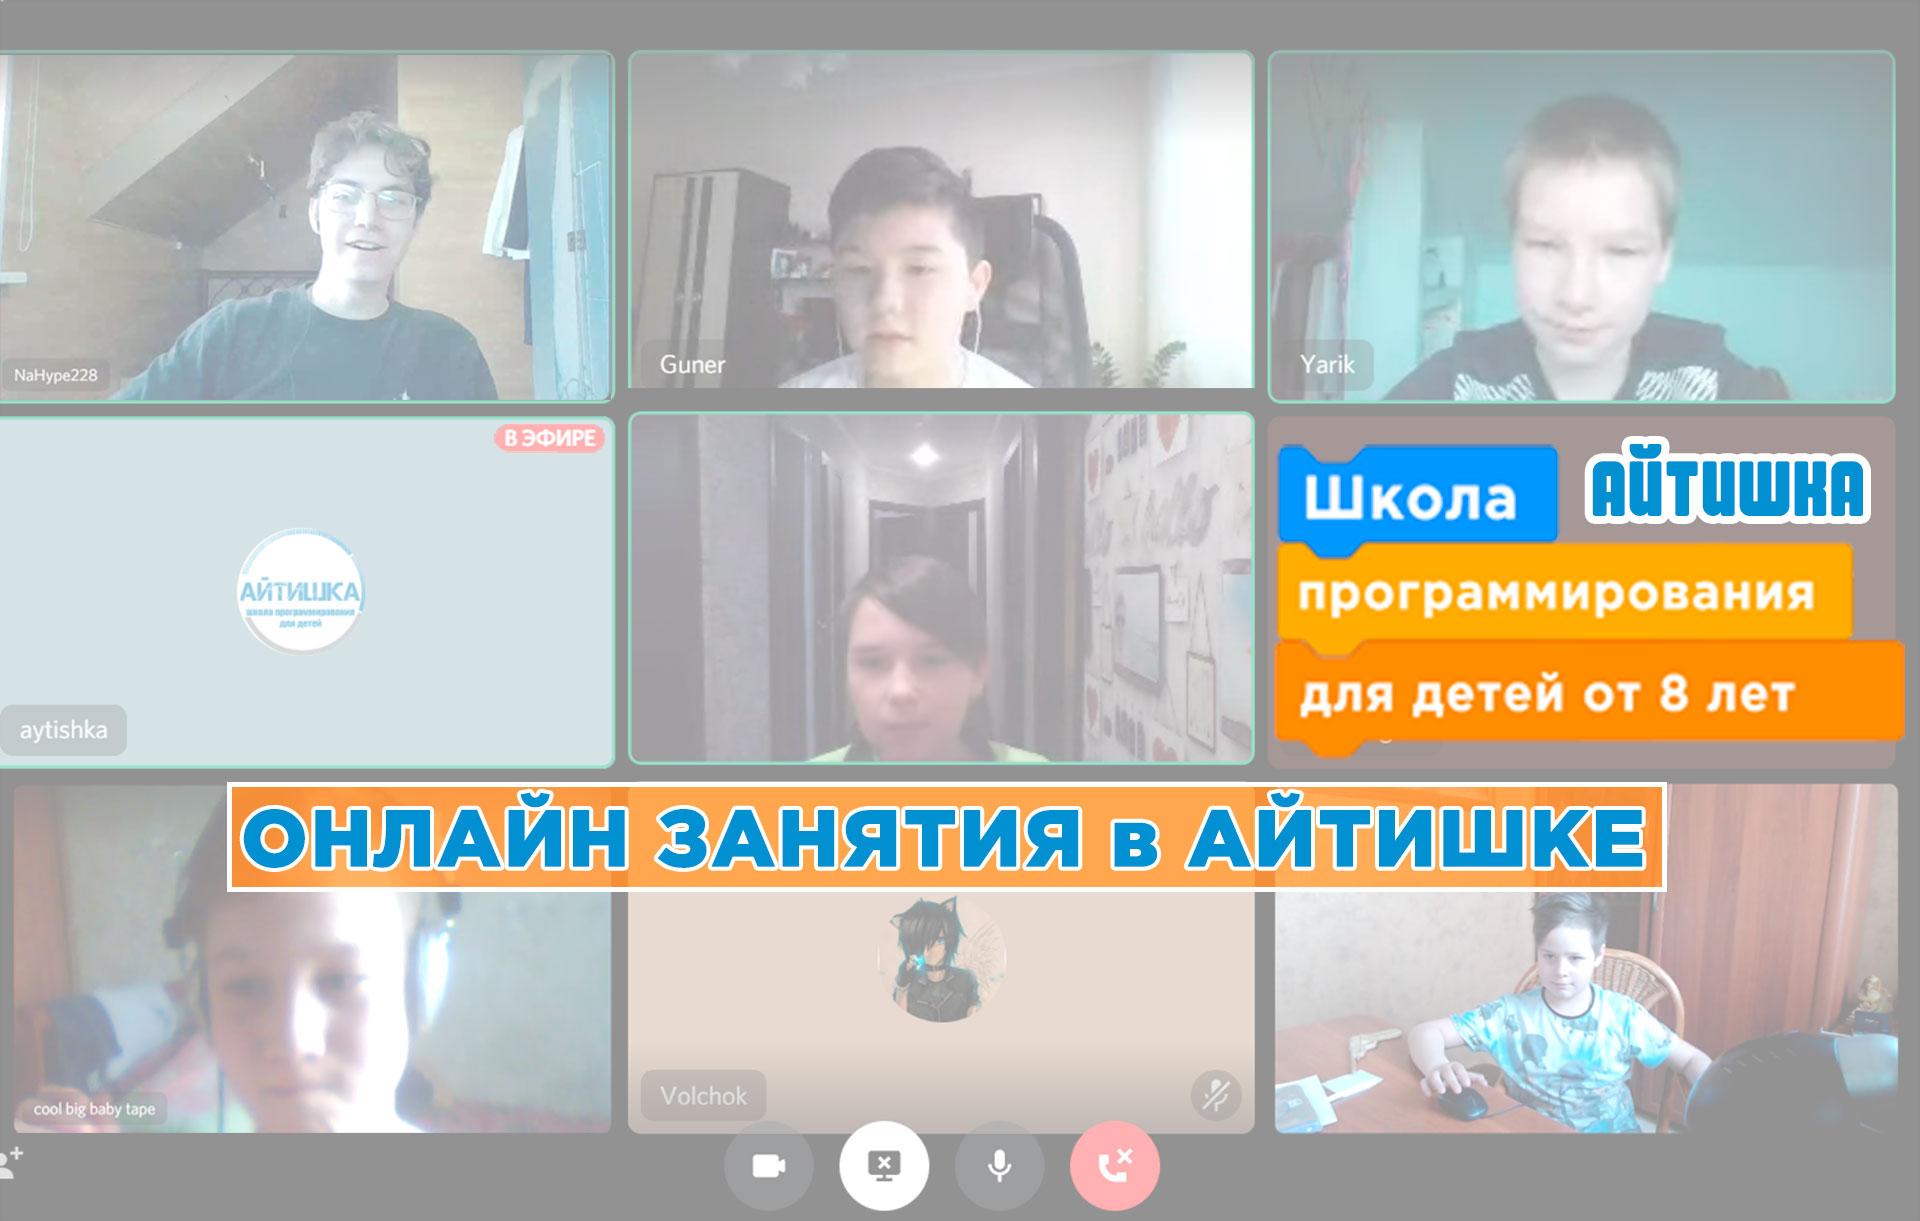 онлайн занятия по программированию для детей в Айтишке